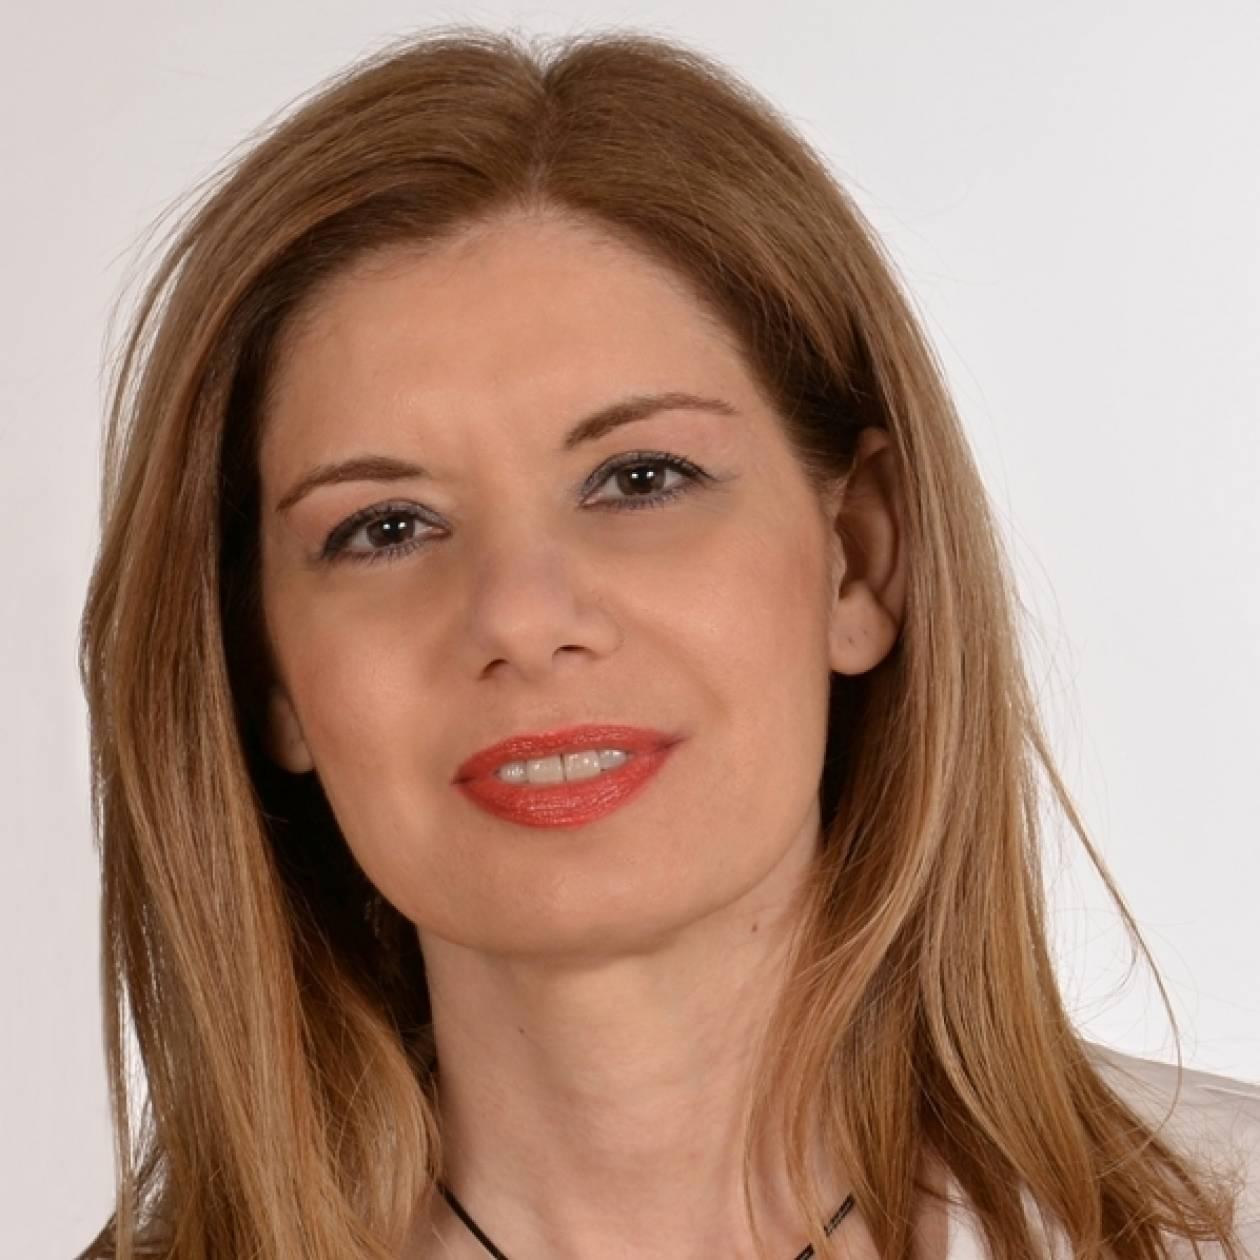 Εκλογές 2014: Η Μαρία Μαράκα υποψήφια δημοτική σύμβουλος στο Βύρωνα